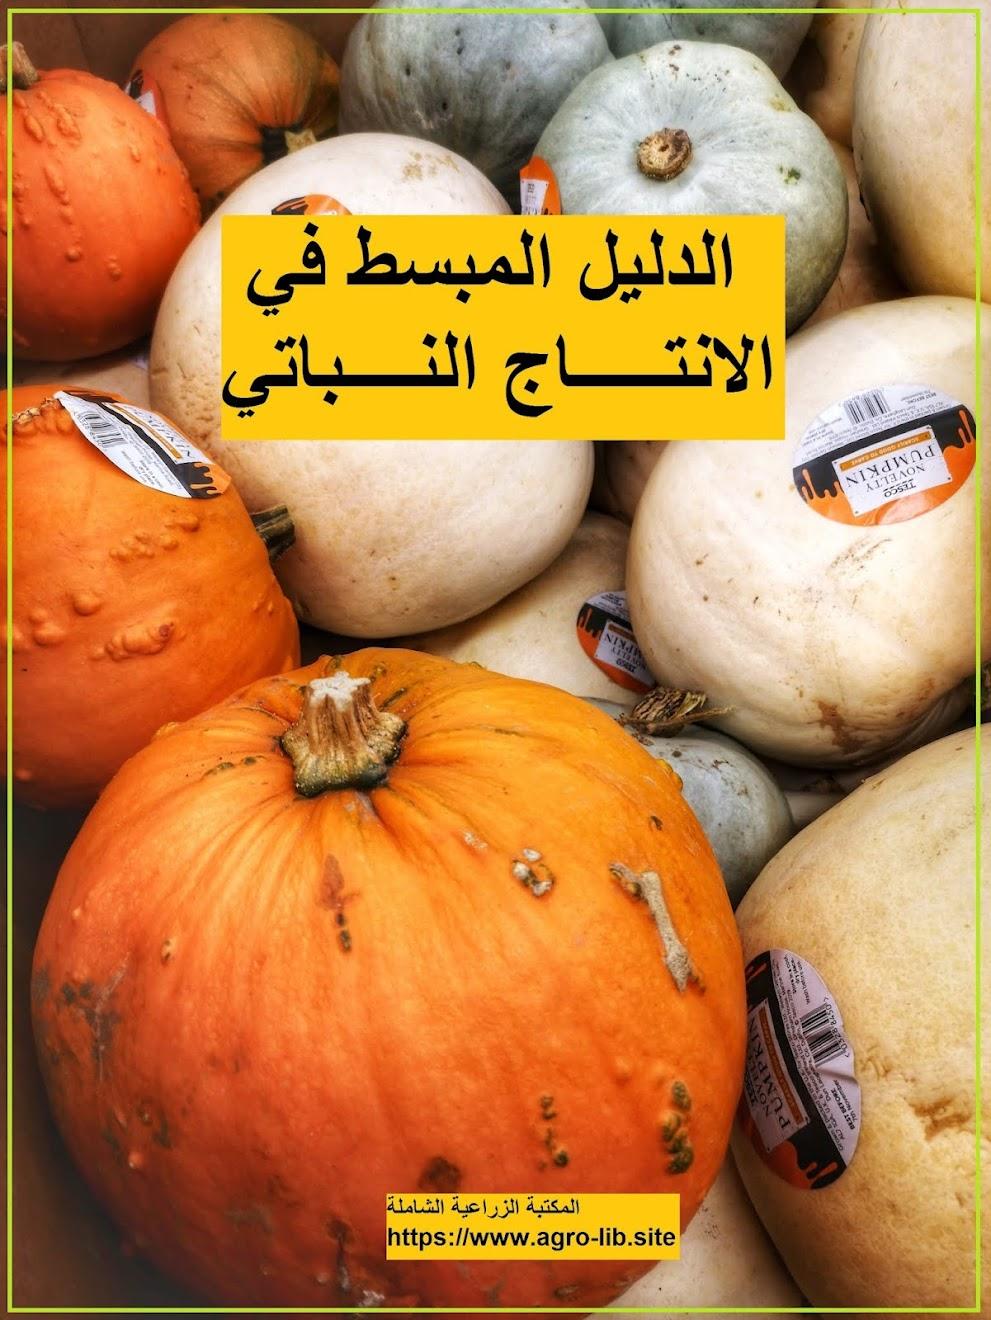 كتاب : الدليل المبسط في الانتاج النباتي